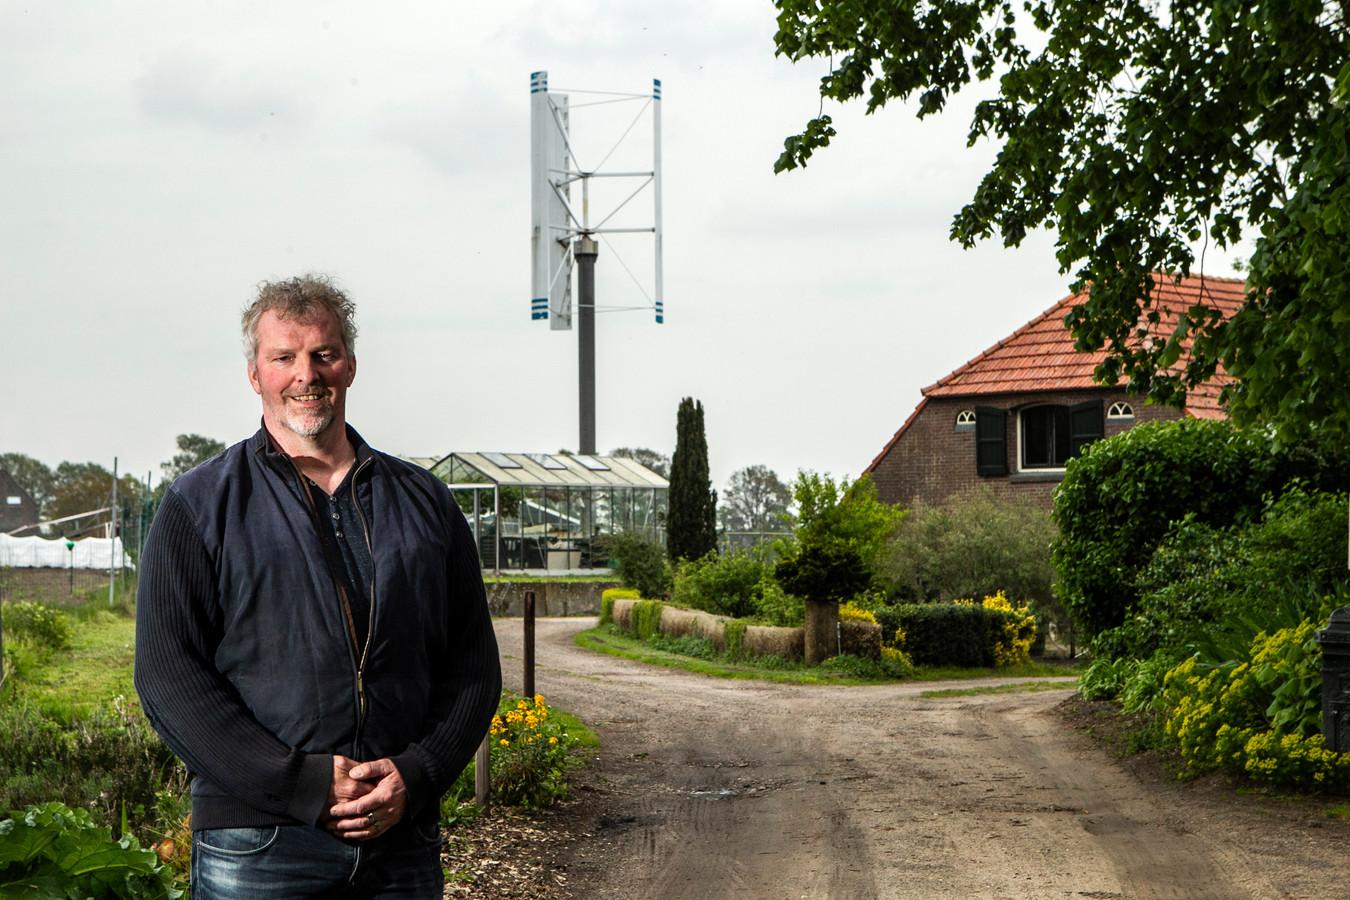 Jacco Korenblik met op de achtergrond de windturbine die op zijn erf in het buitengebied van Harfsen staat.